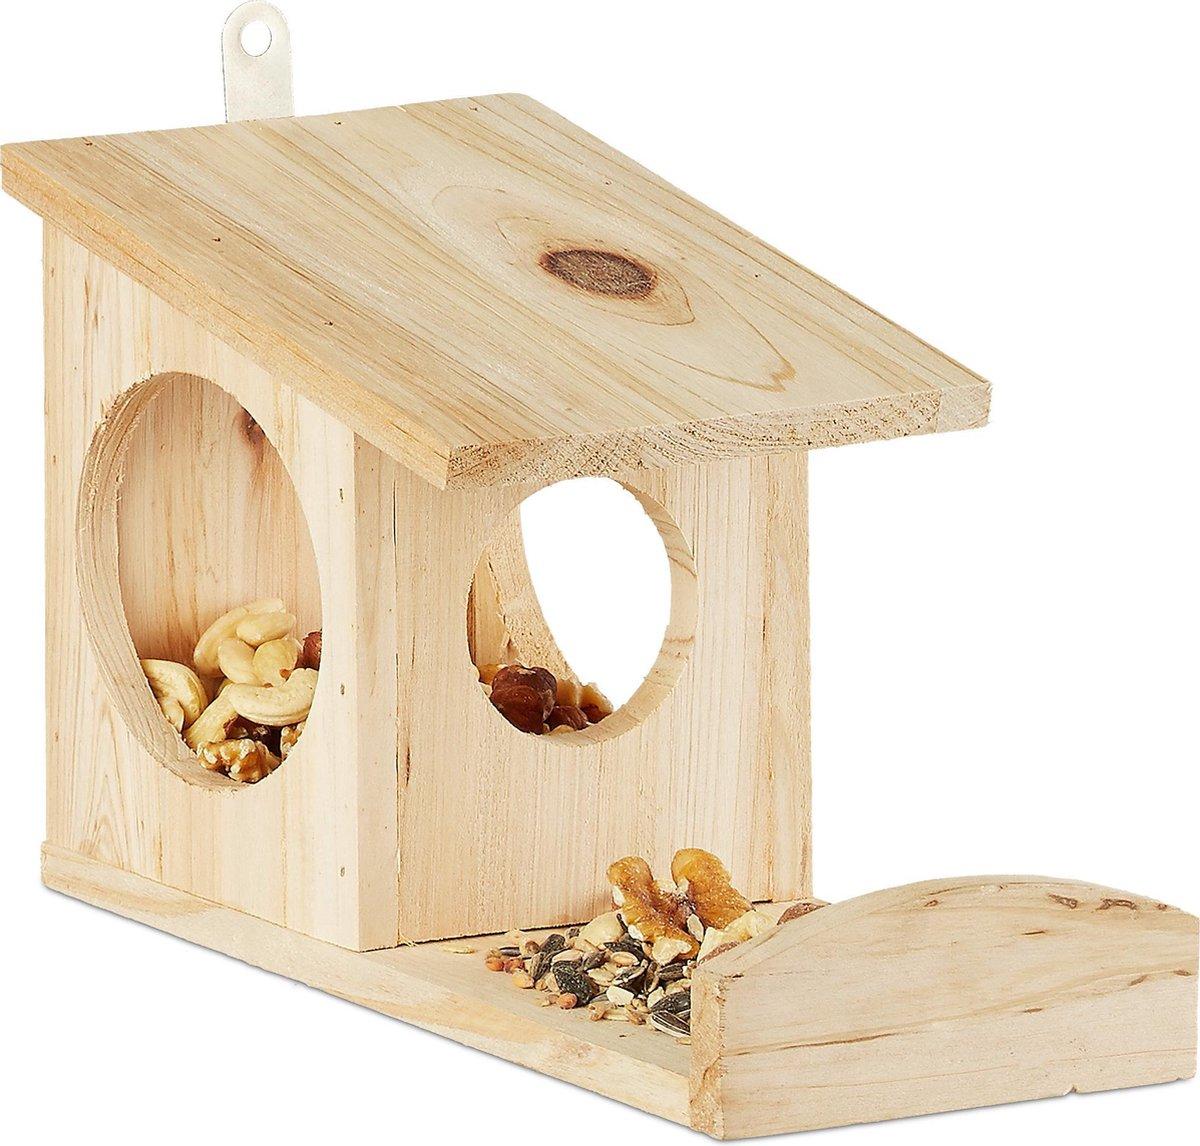 relaxdays eekhoorn voederhuisje - voederhuis - voederkast - voederbak - hout - voederplek Naturel